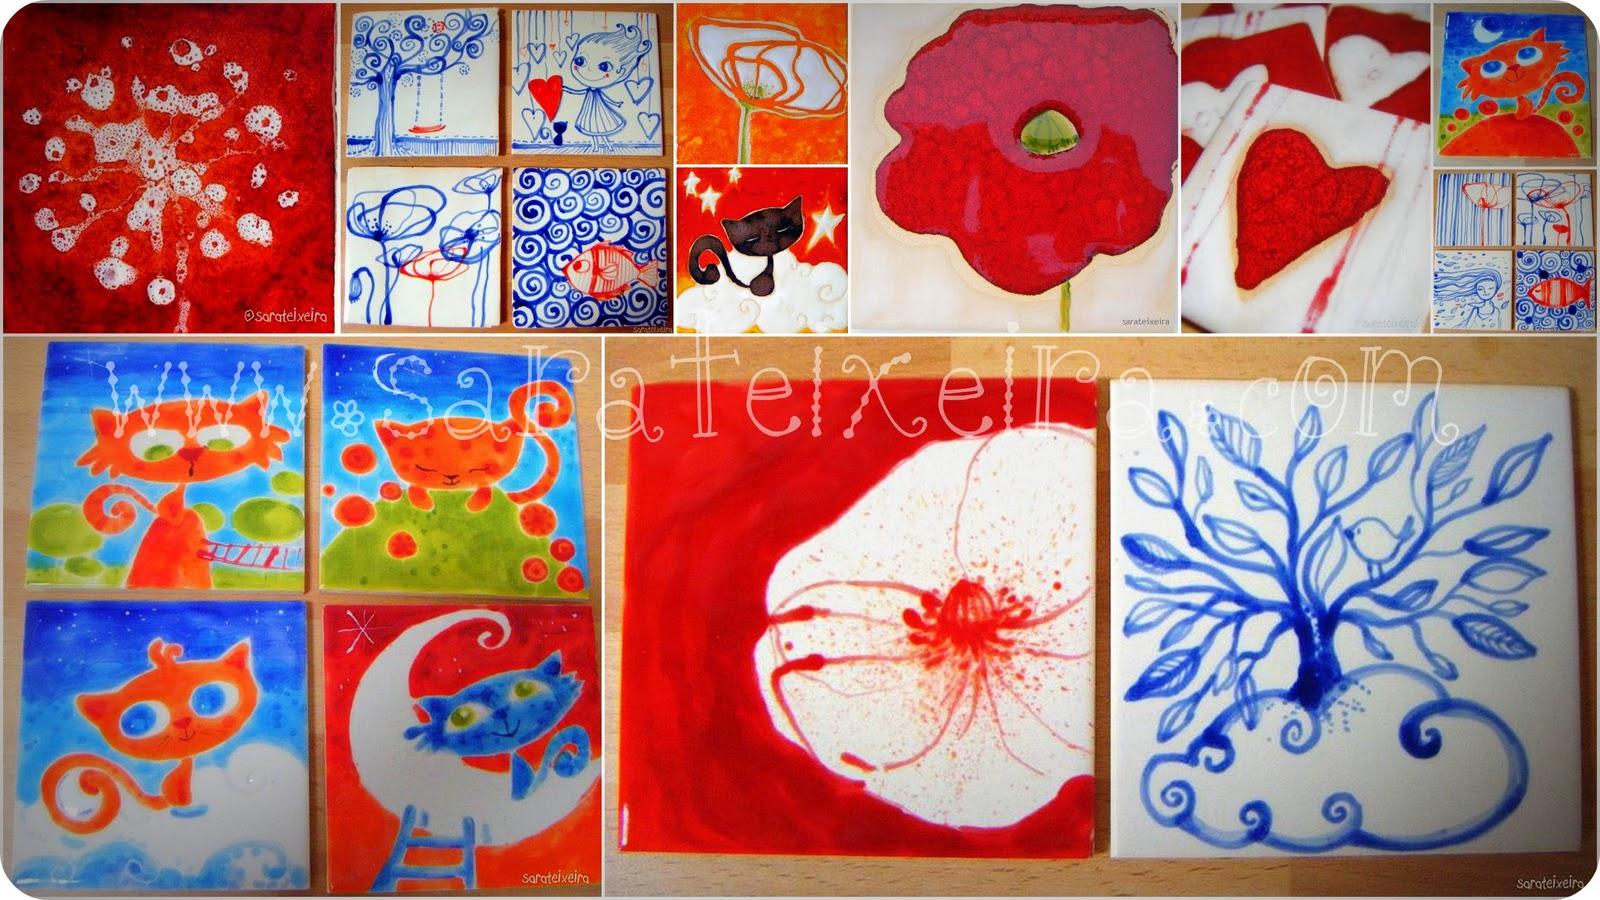 Sara teixeira workshops de pintura intuitiva workshop - Pintura de azulejos ...